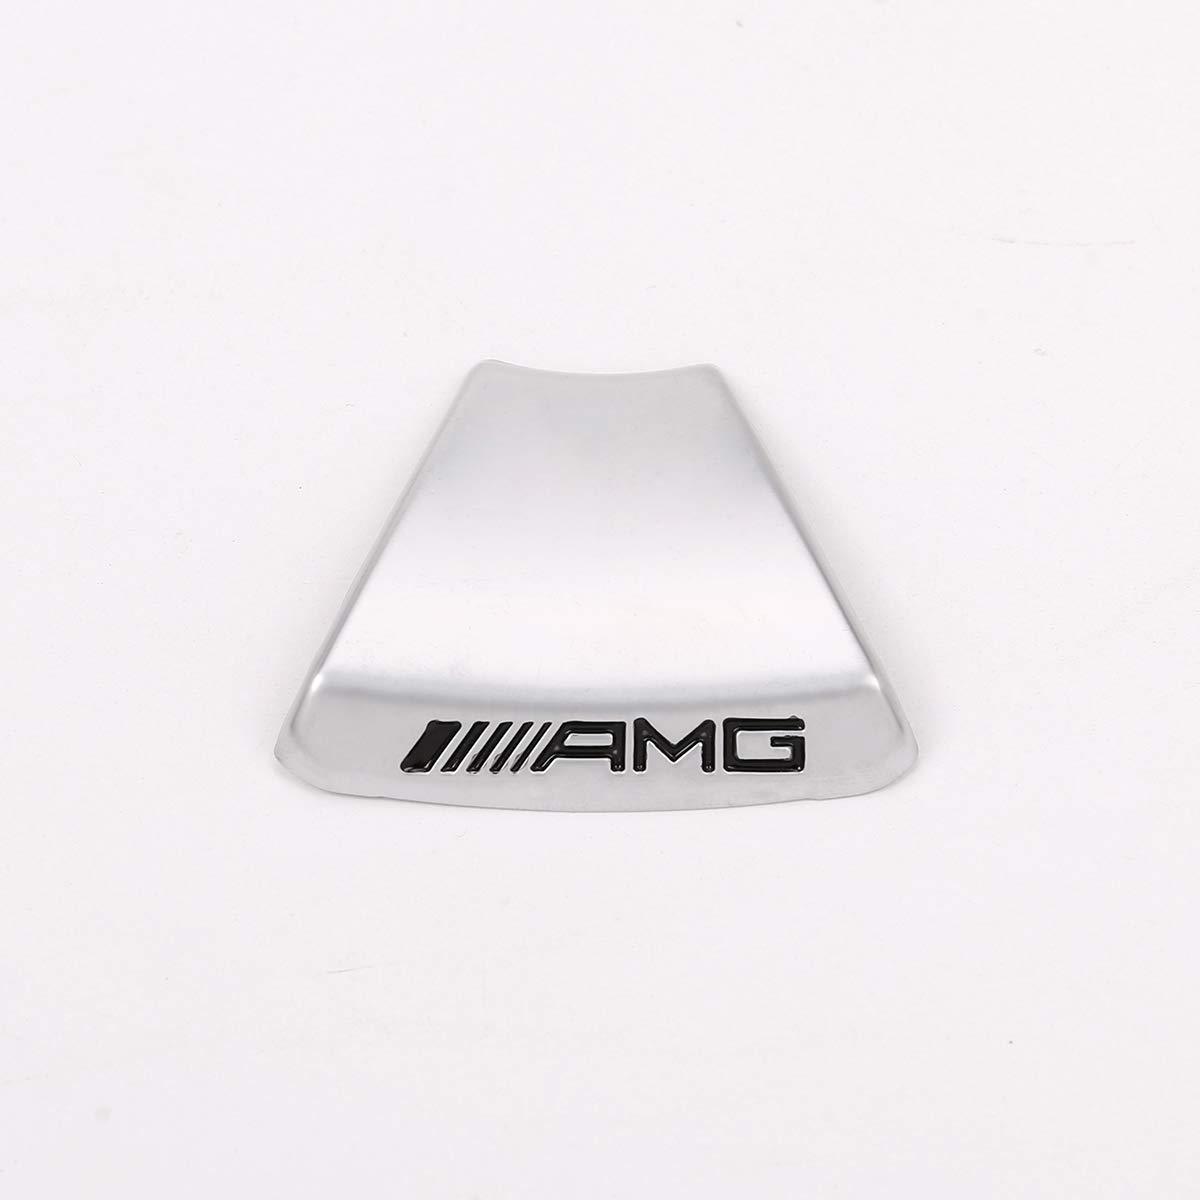 B dise/ño de logotipo AMG para Benz A clase GLA GLC GLE GLS W213 W205 x 253 Yiwang C Adhesivo decorativo para volante de aleaci/ón de zinc E